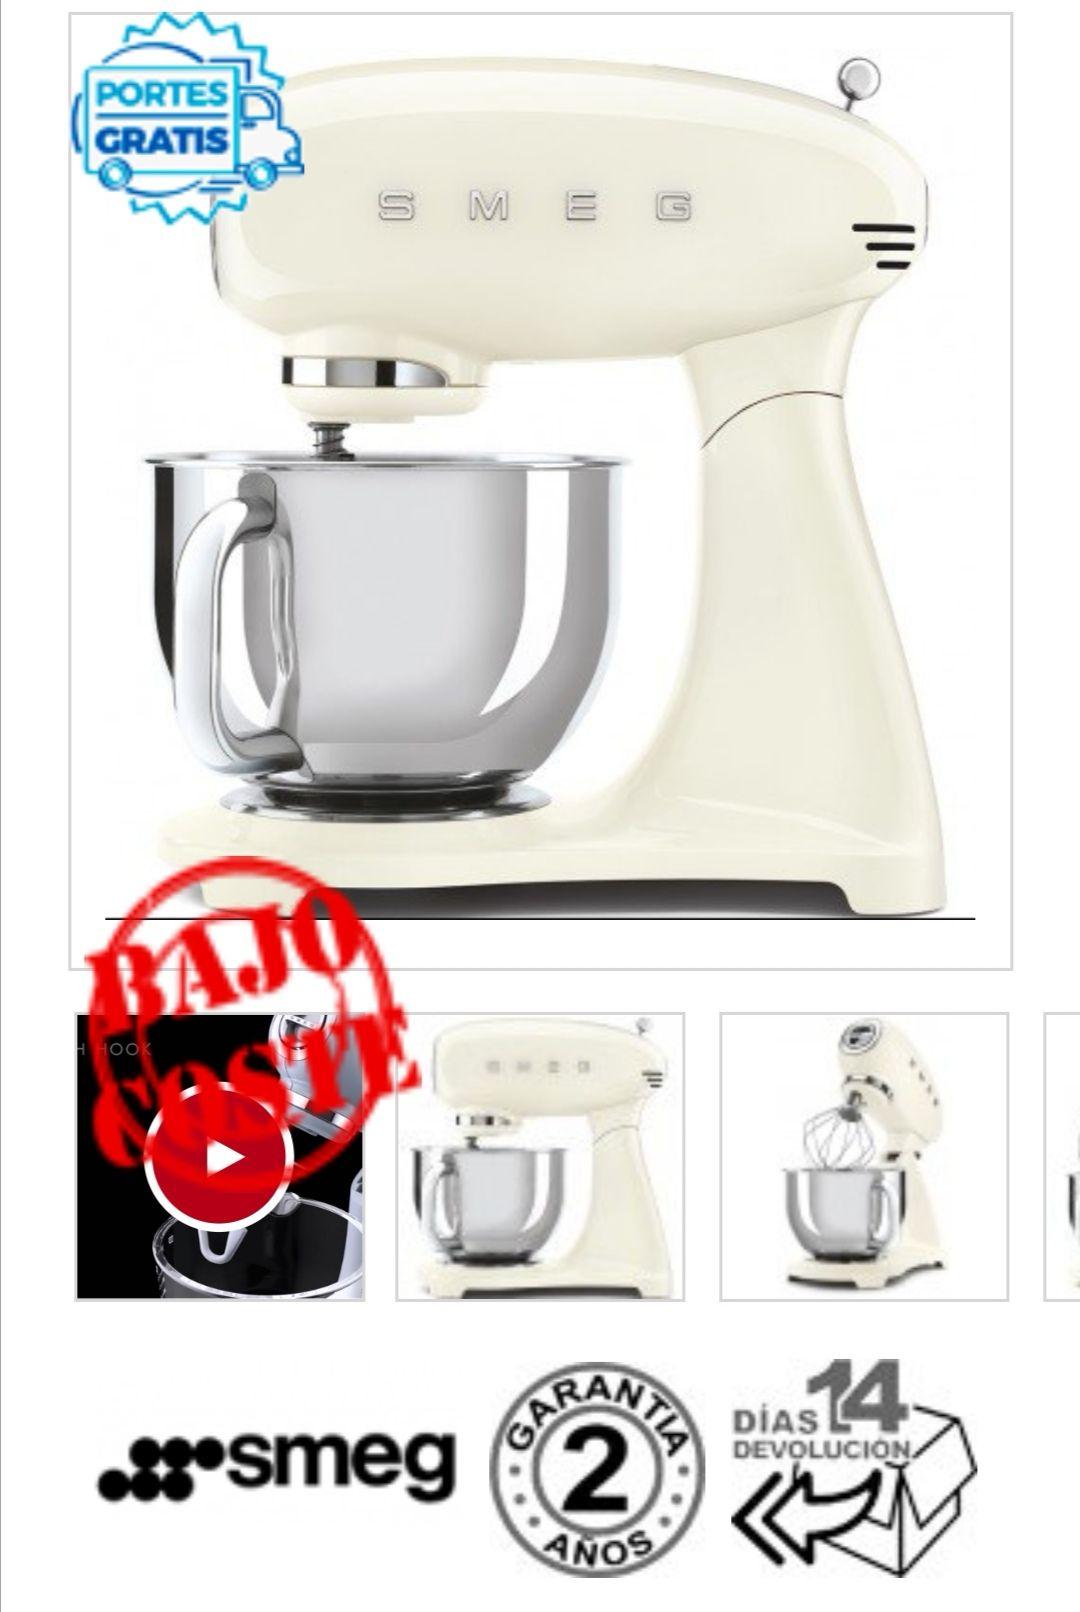 Chollazo! Robot de cocina Smeg a menos de la mitad de precio